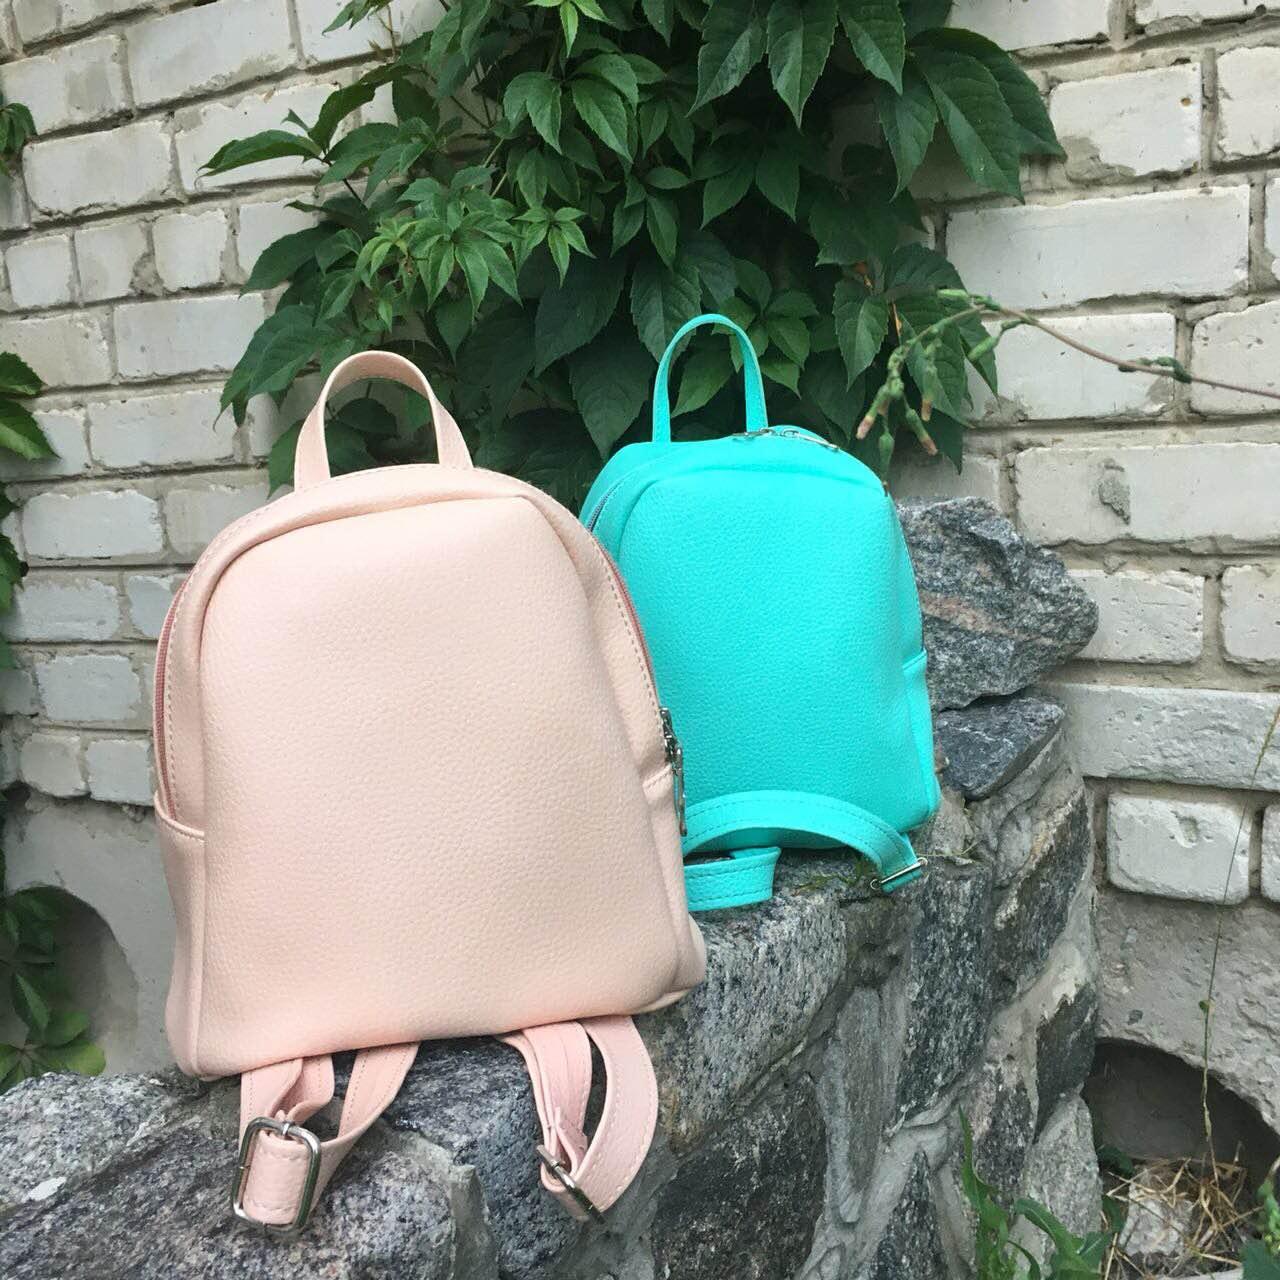 7b083816b49b Стильный женский рюкзак маленький пудра (светло-розовая) эко-кожа ЕСТЬ  РАЗНЫЕ ЦВЕТА